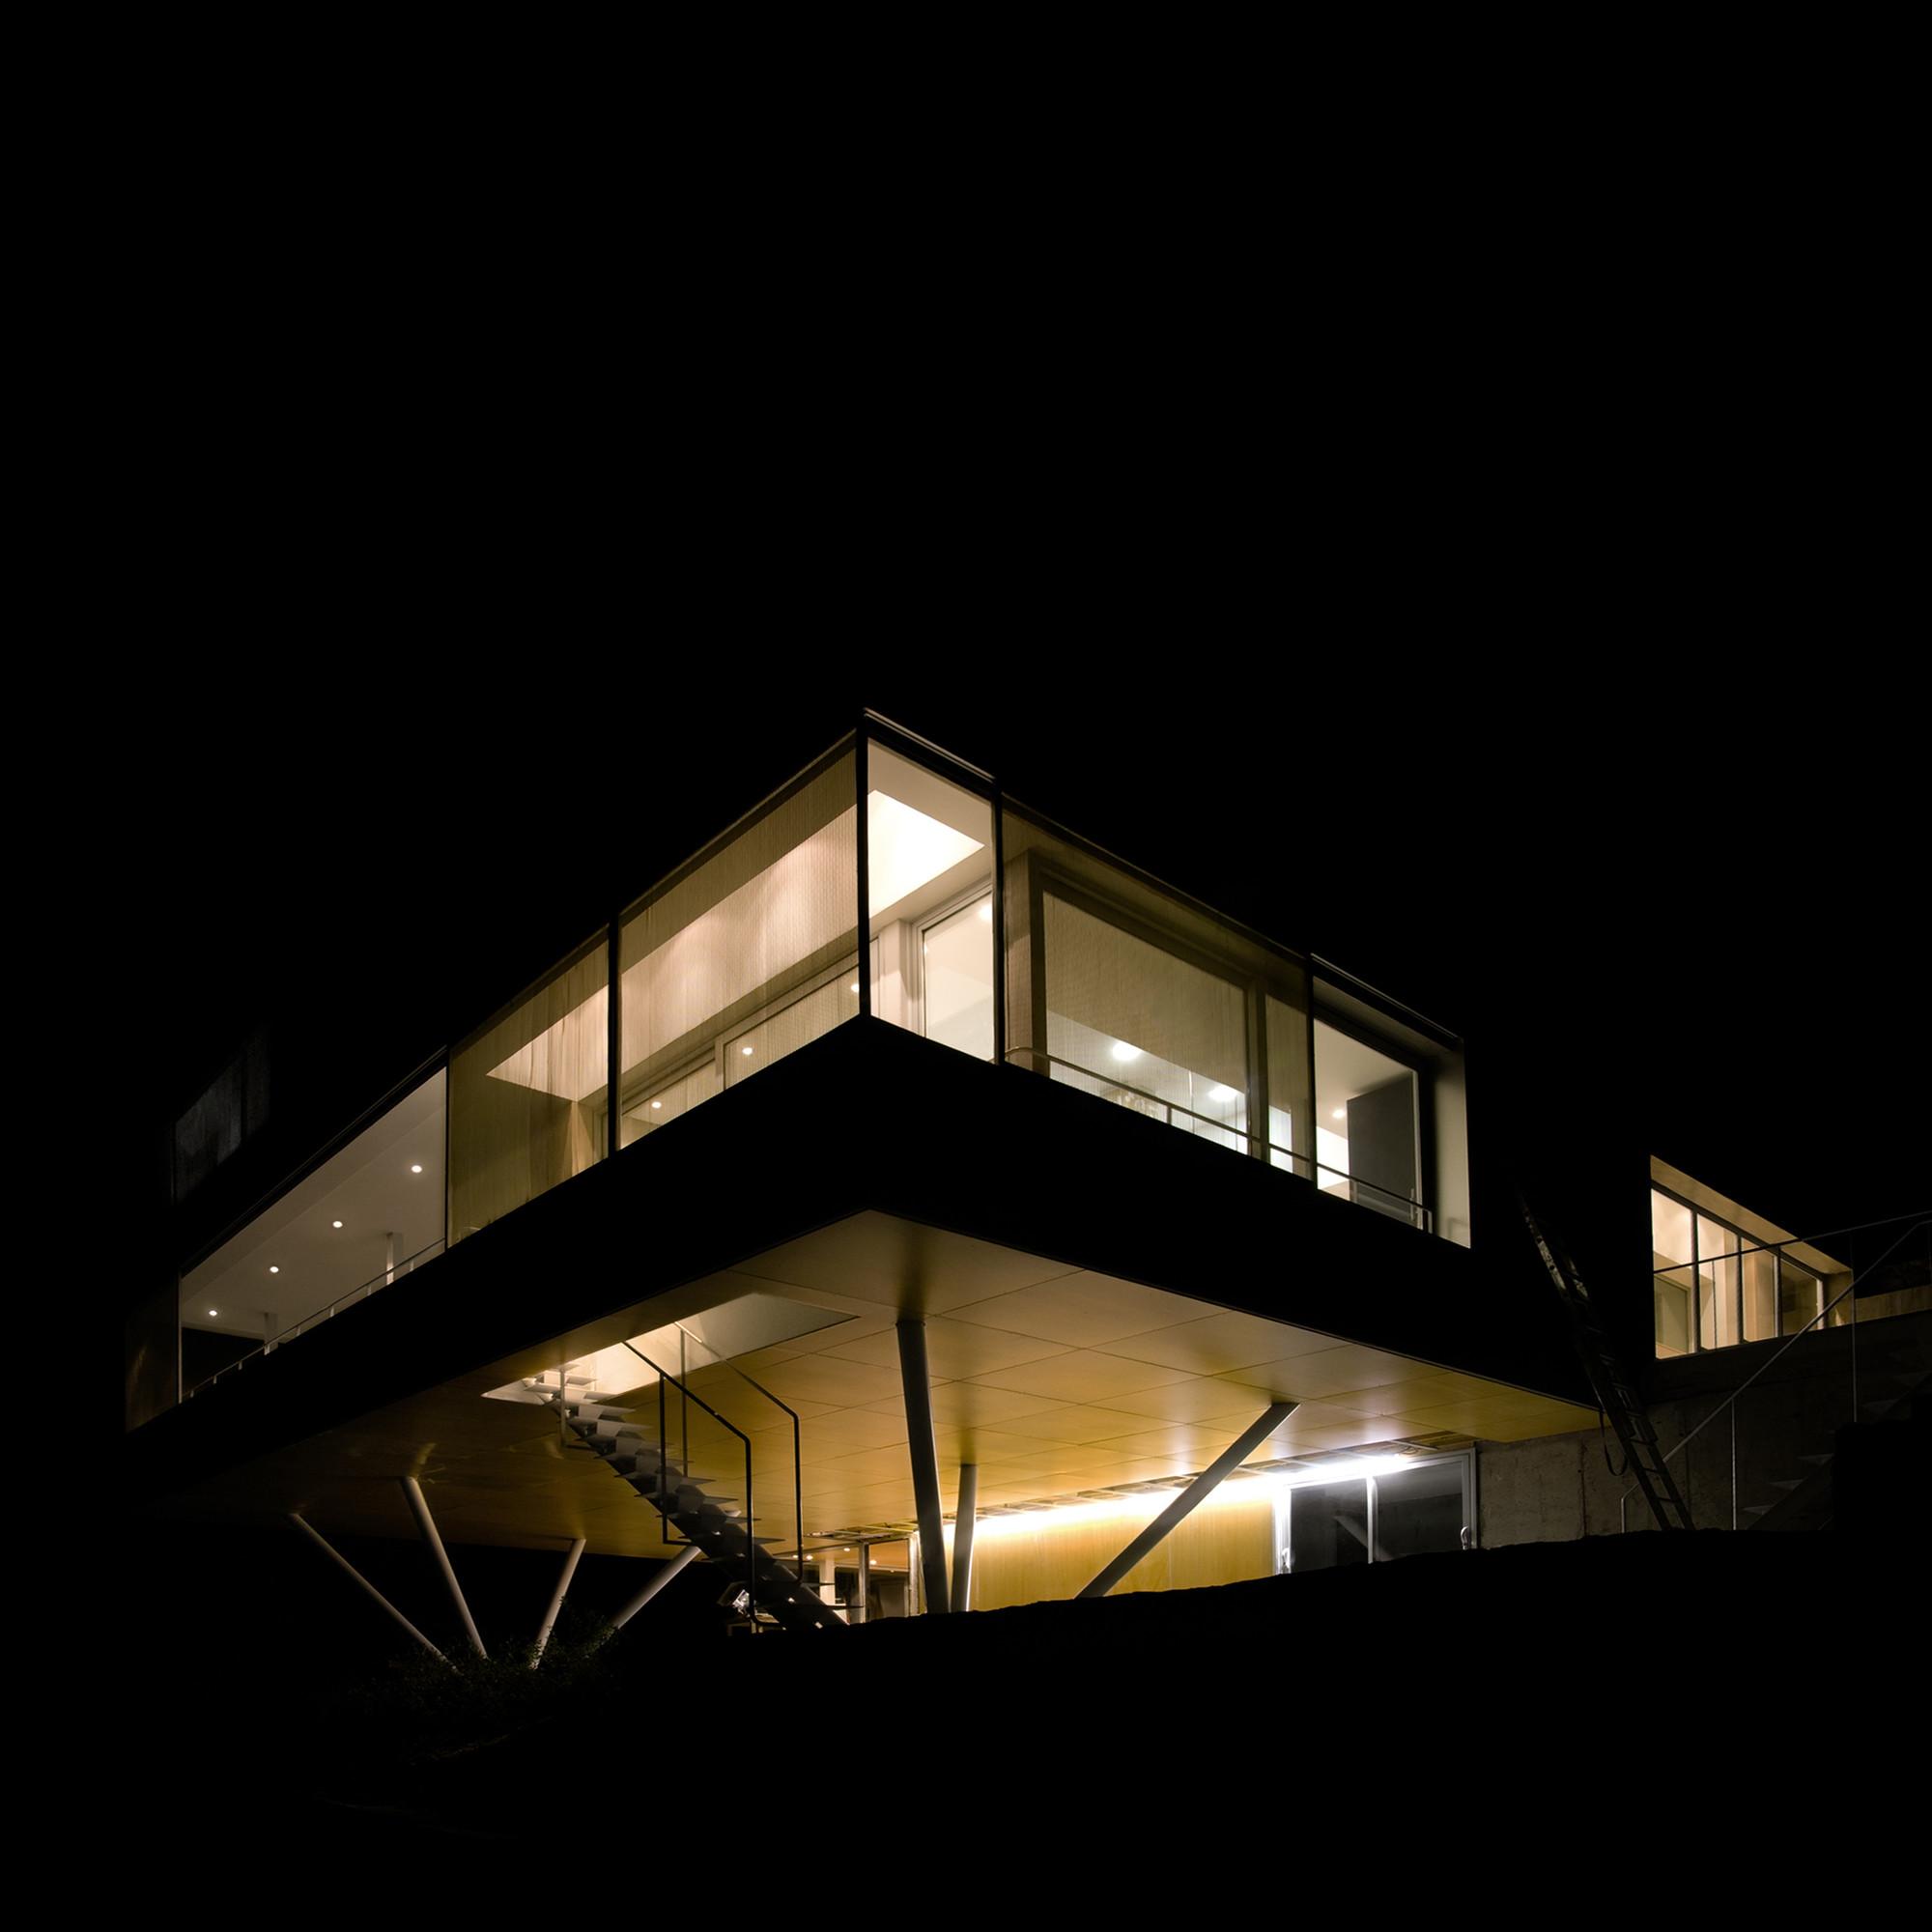 Coma House 02 / Juan Marco